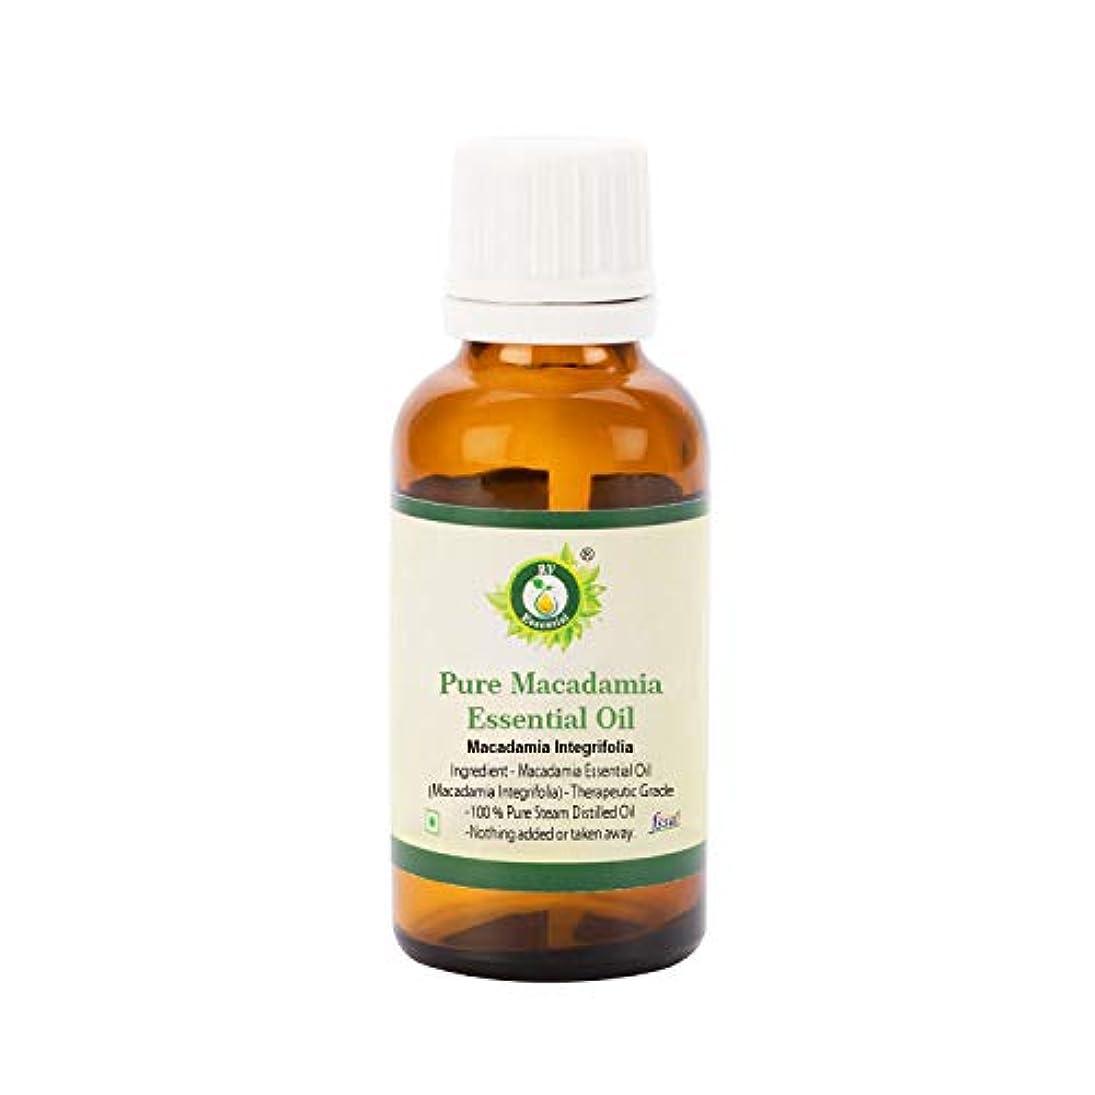 ごめんなさいシンボル経歴R V Essential ピュアマカデミアエッセンシャルオイル5ml (0.169oz)- Macadamia Integrifolia (100%純粋&天然スチームDistilled) Pure Macadamia...